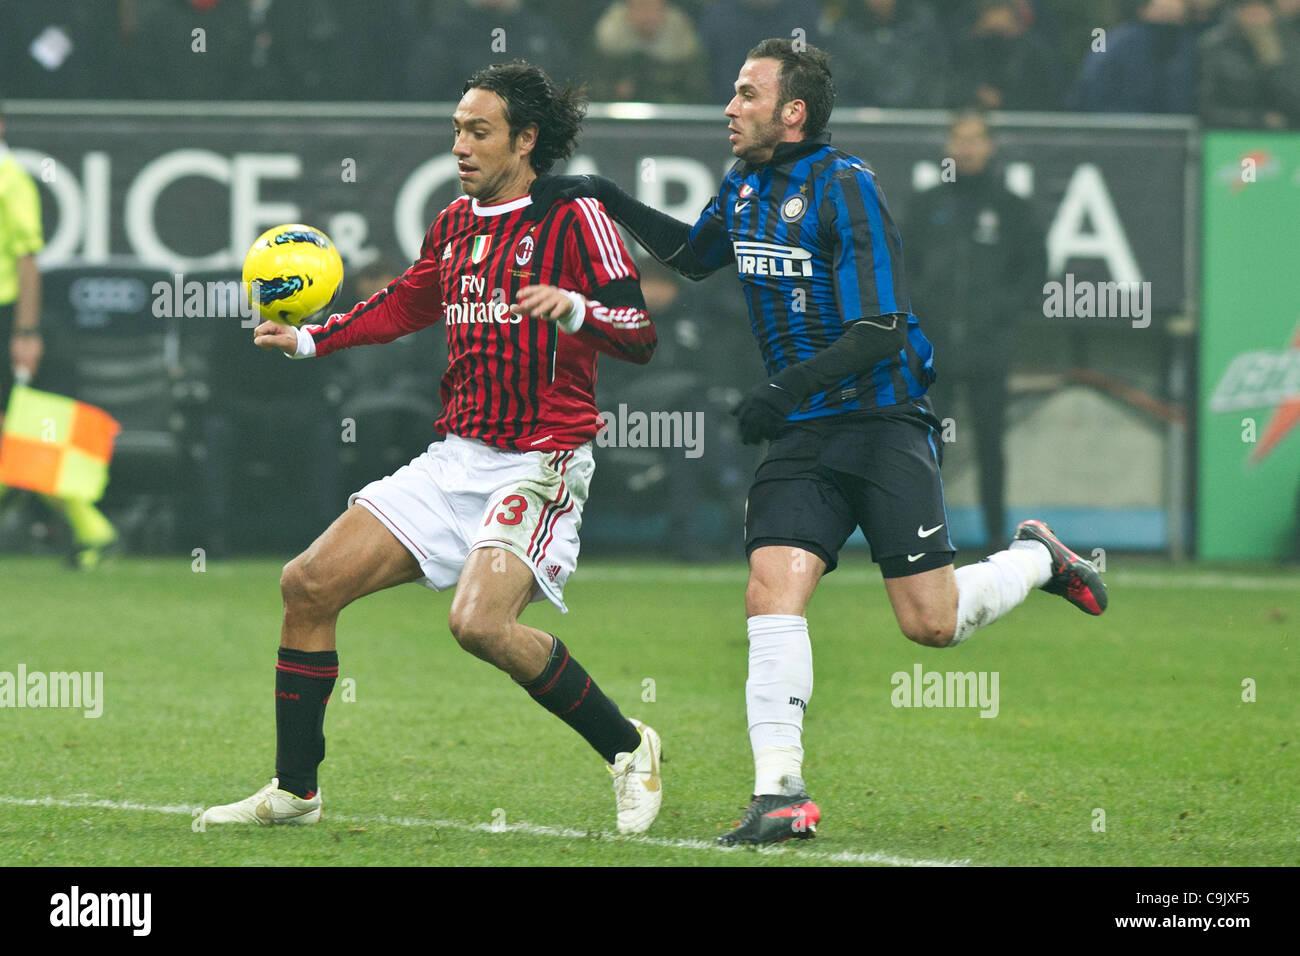 Alessandro Nesta (Milan), Giampaolo Pazzini (Inter), JANUARY 15, 2012